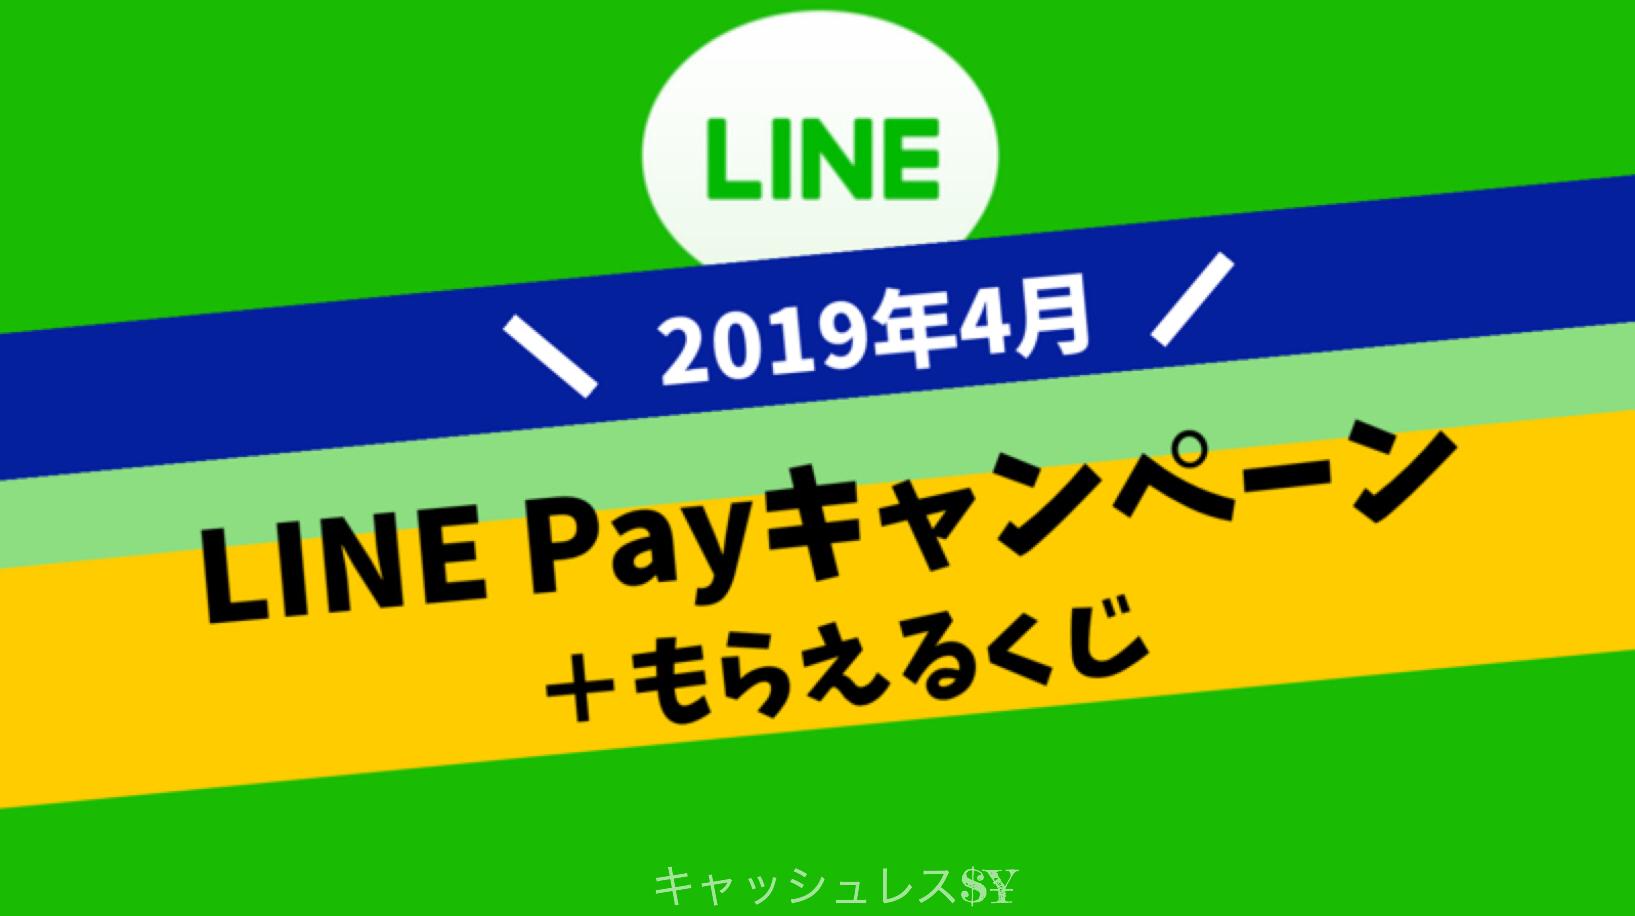 【LINE Payキャンペーン】2019年4月上旬のキャンペーン